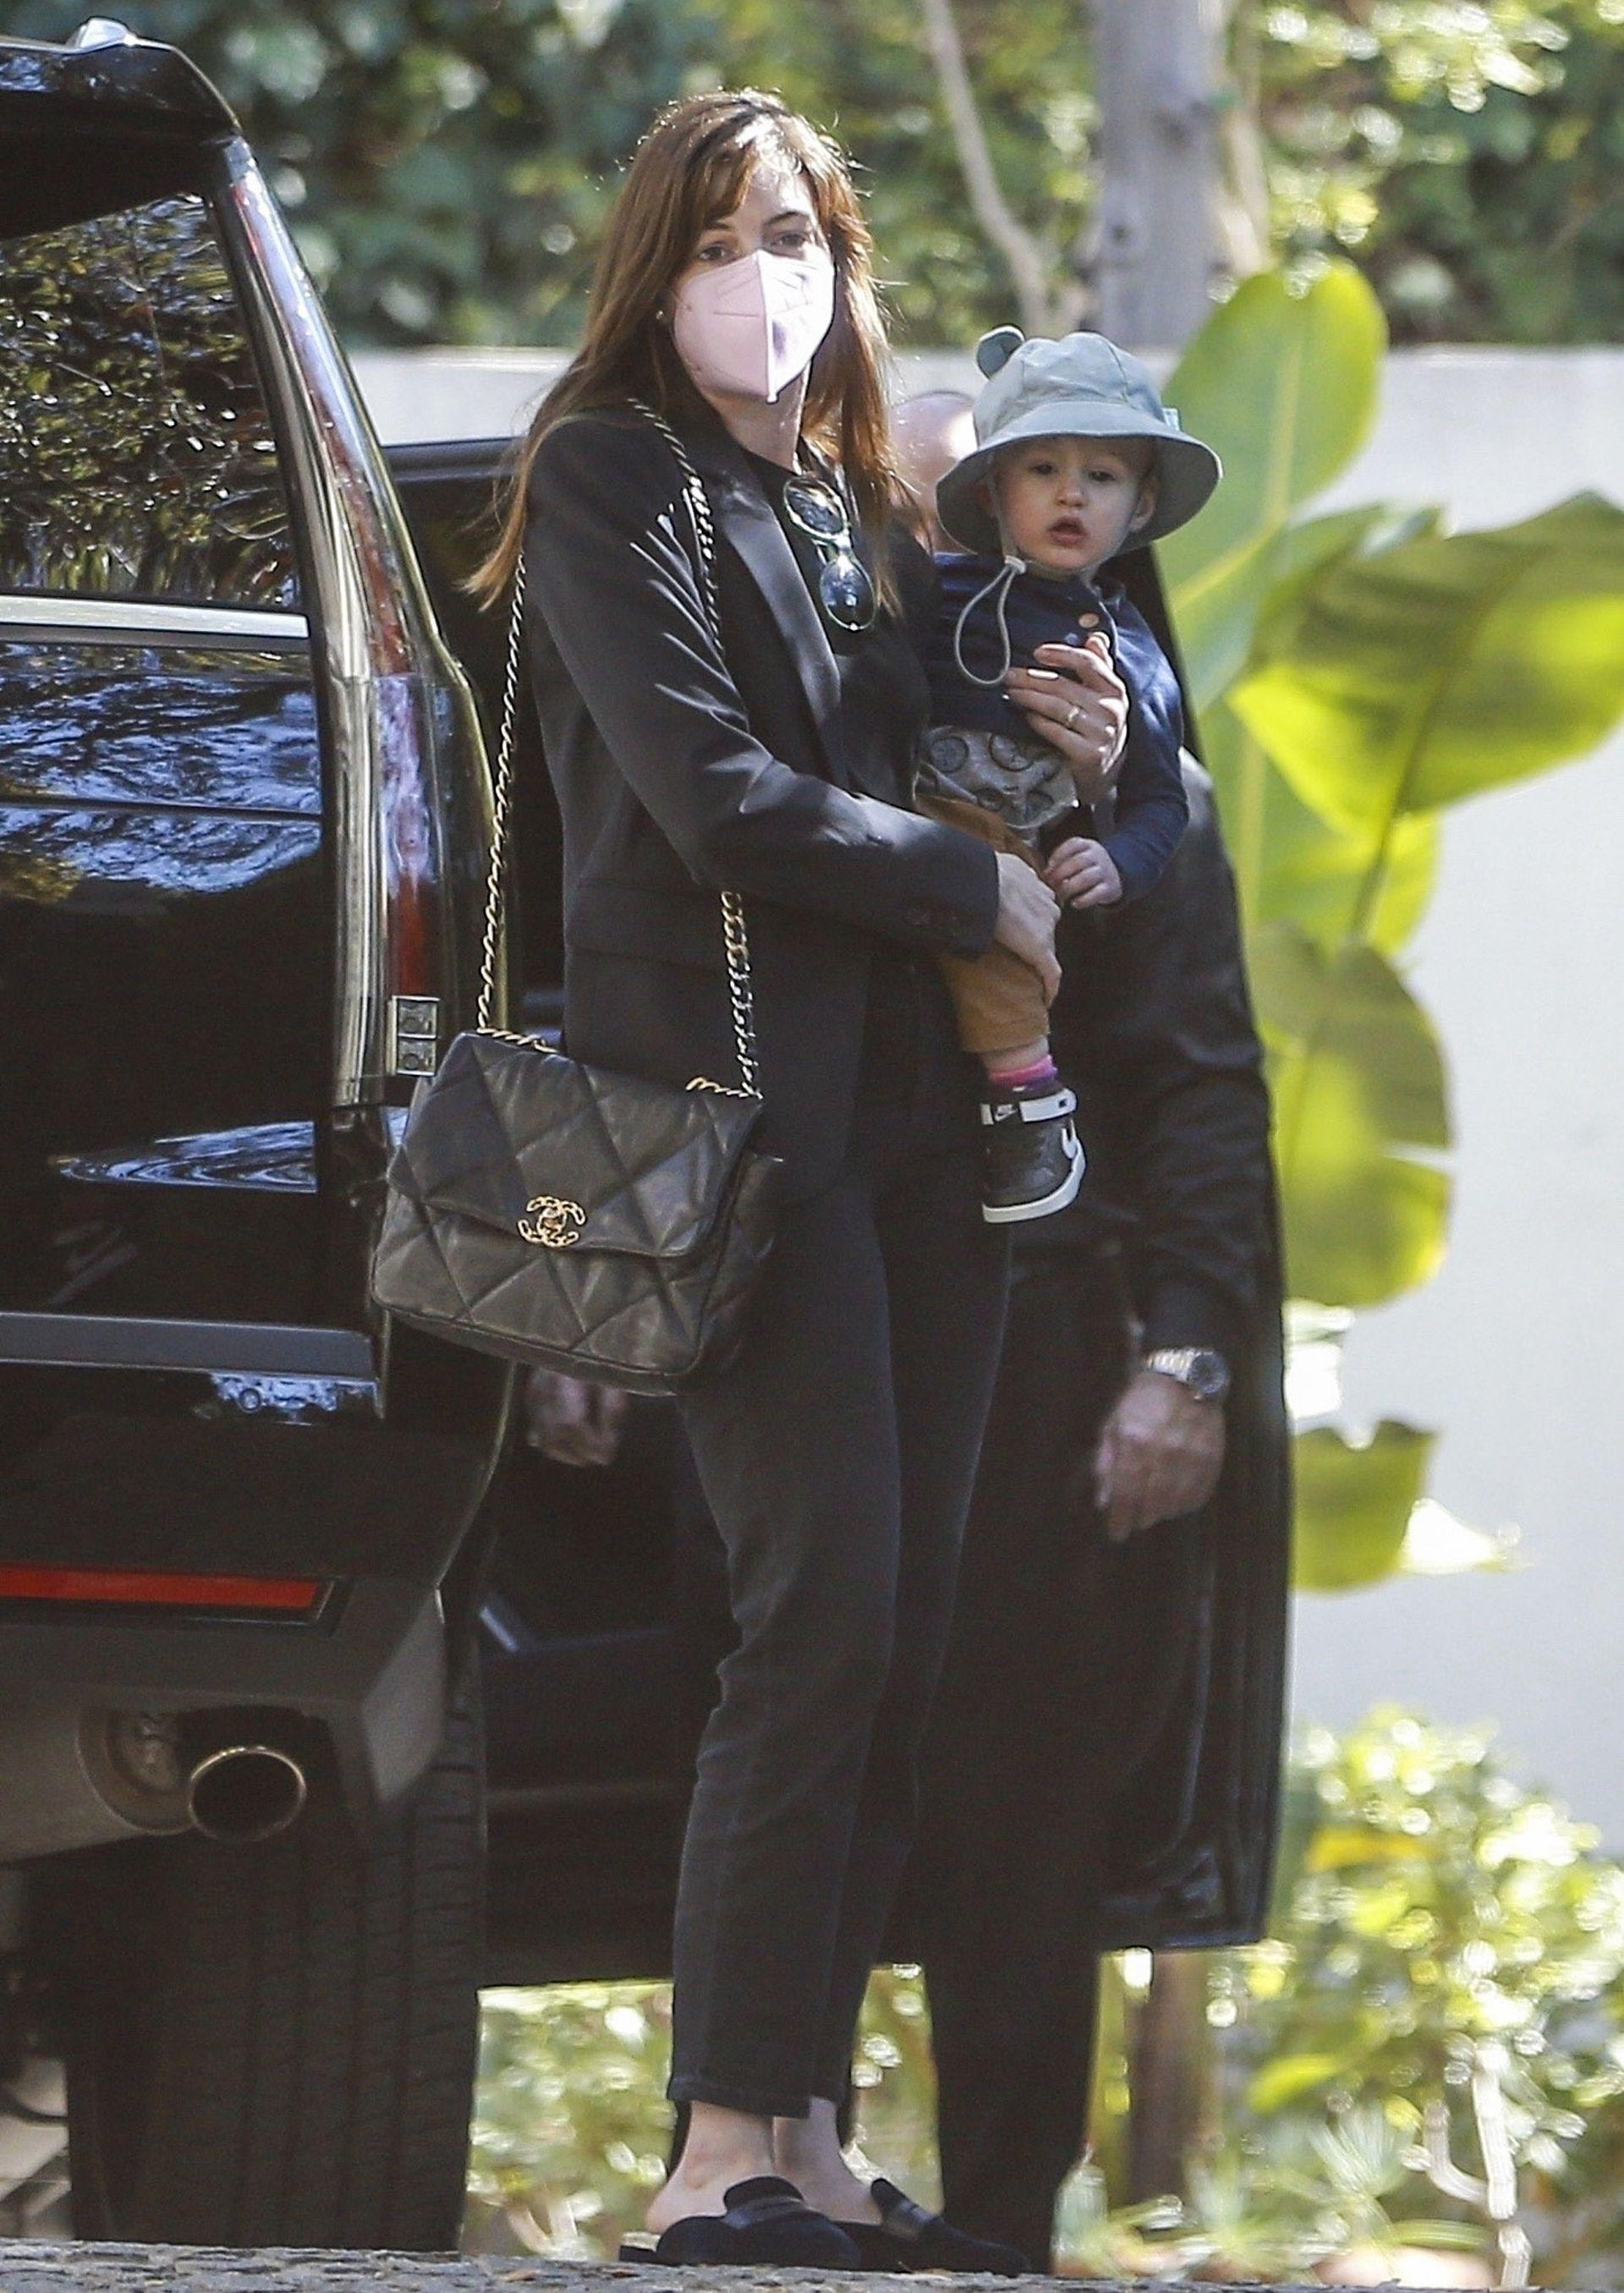 Con un look descontracturado, Anne Hathaway también disfrutó de su día al aire libre con un paseo junto a sus hijos en Los Ángeles